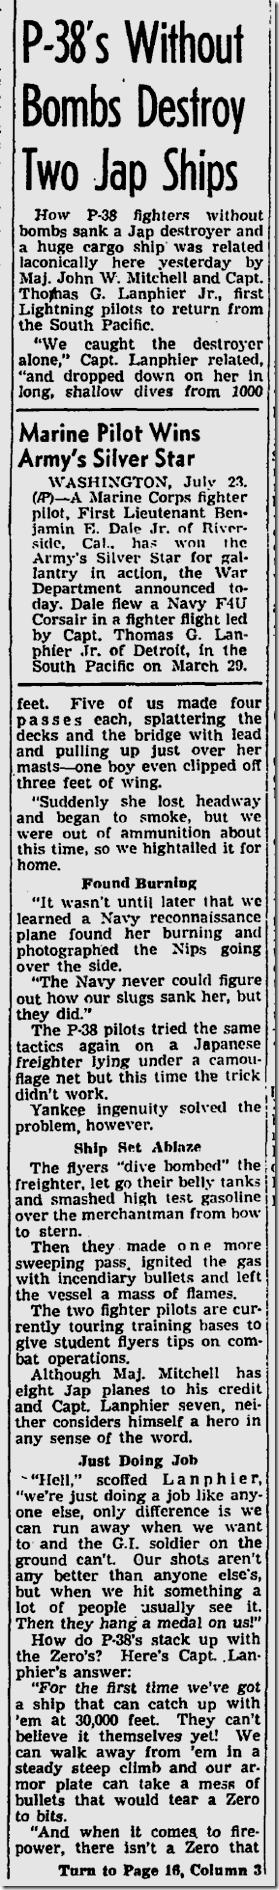 July 24, 1943, P-38 Pilots